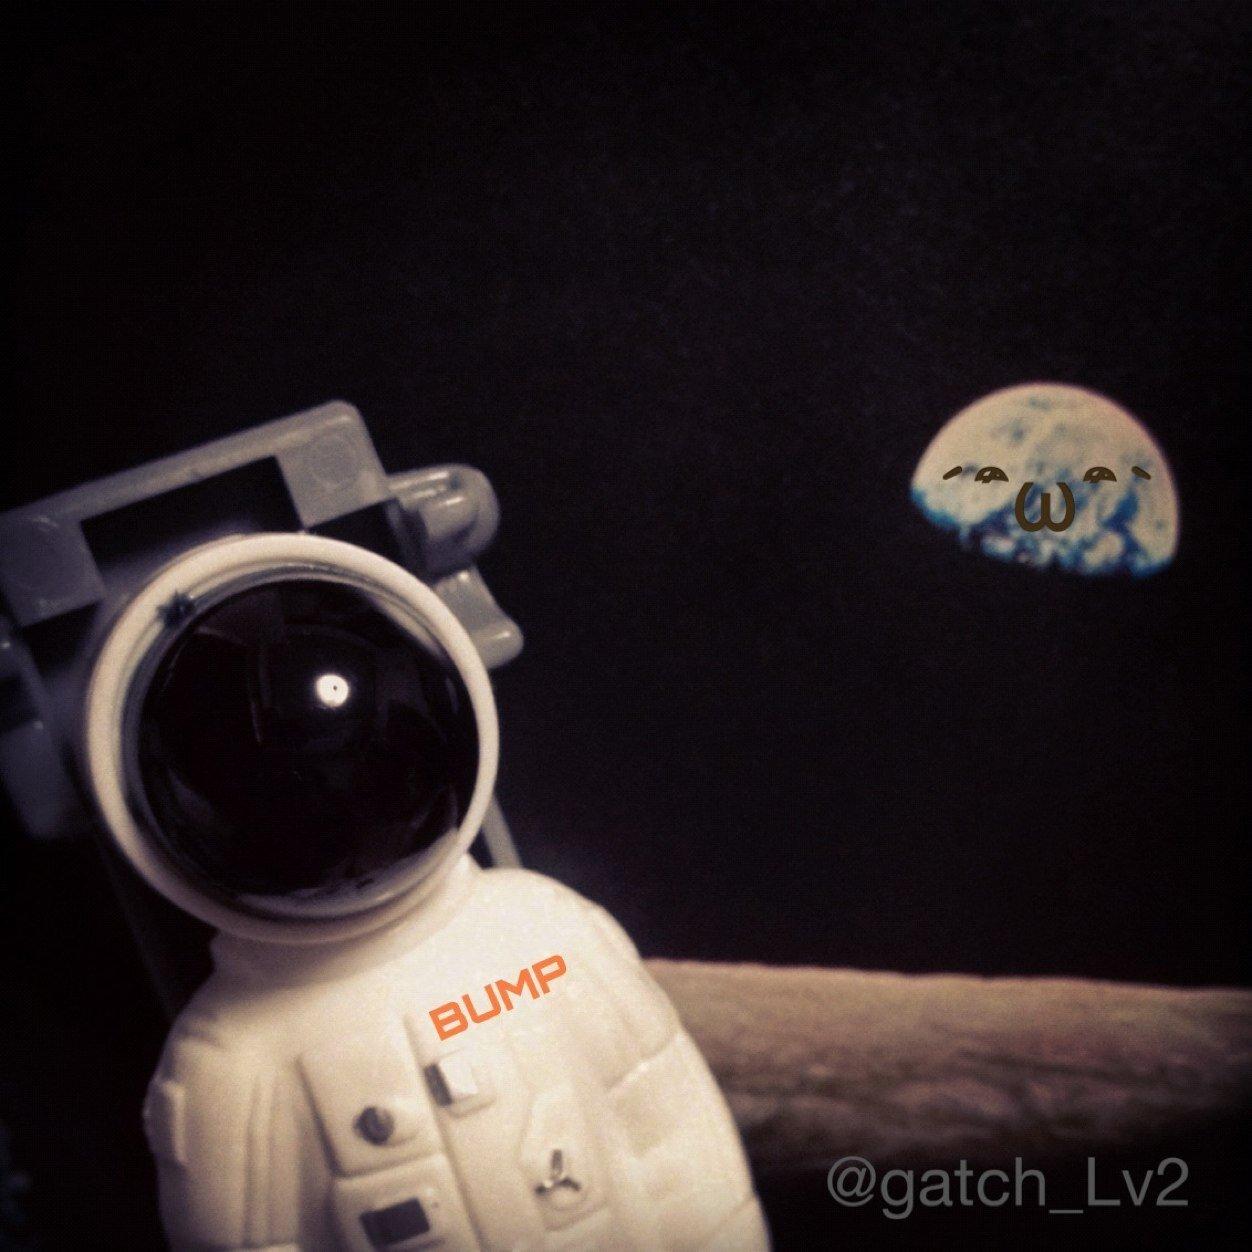 gatch_Lv2